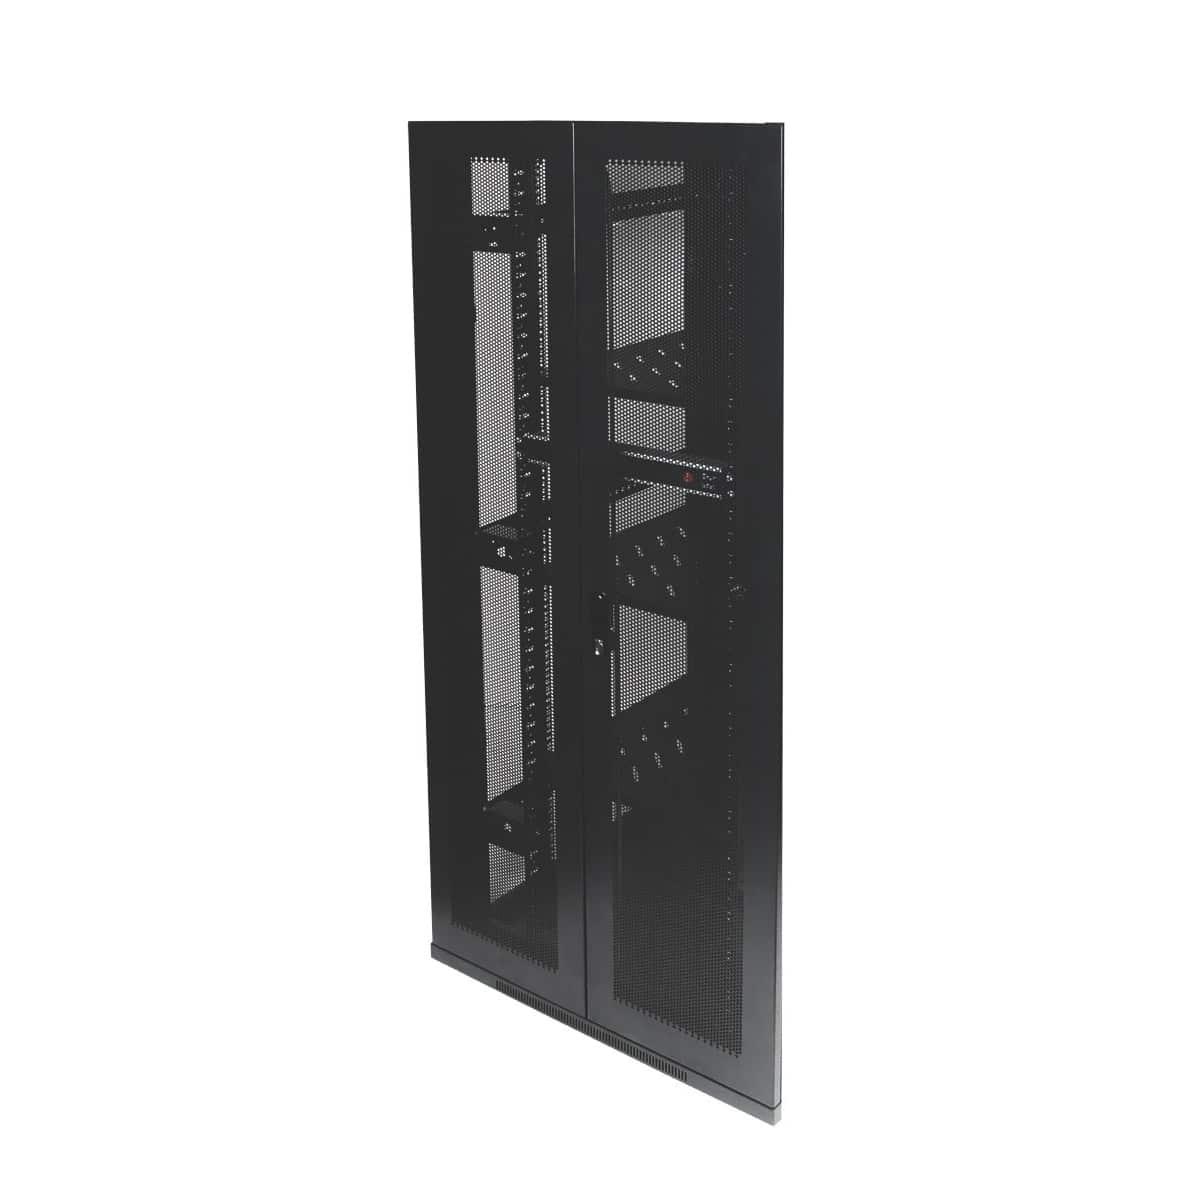 Bi Fold Mesh Door For 42ru 800mm Wide Free Standing